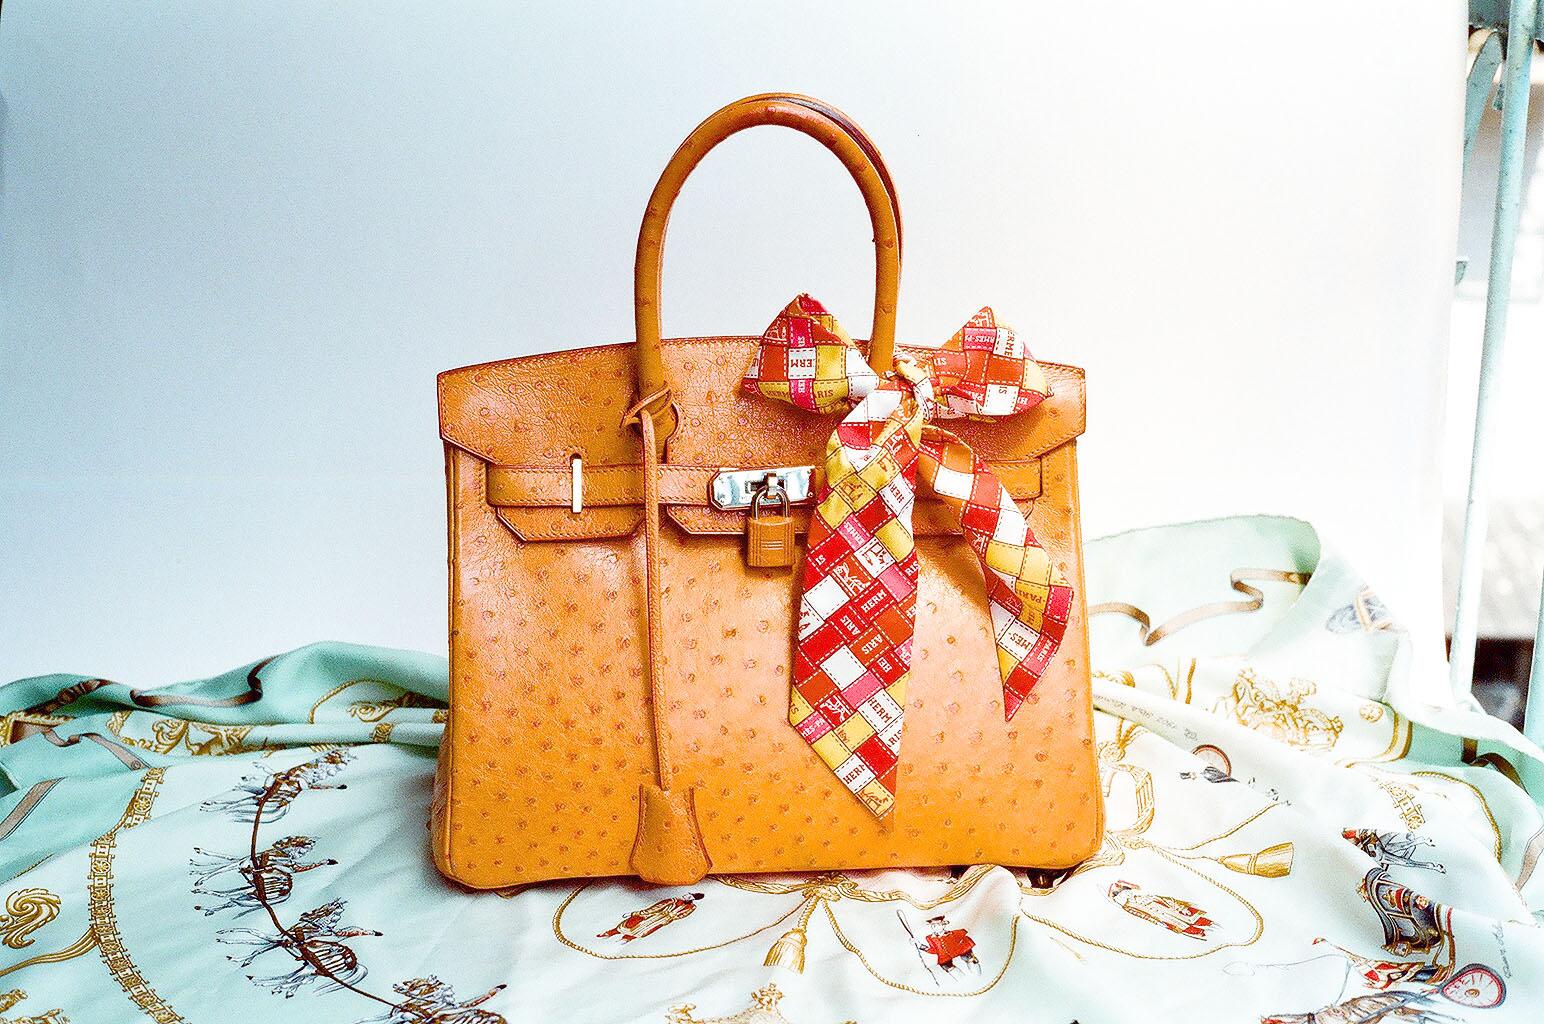 a7df3c78a ... en 1984 para la actriz Jane Birkin, luego de compartir un vuelo con  ella y ver cómo se le caían todas las pertenencias del bolso que llevaba.